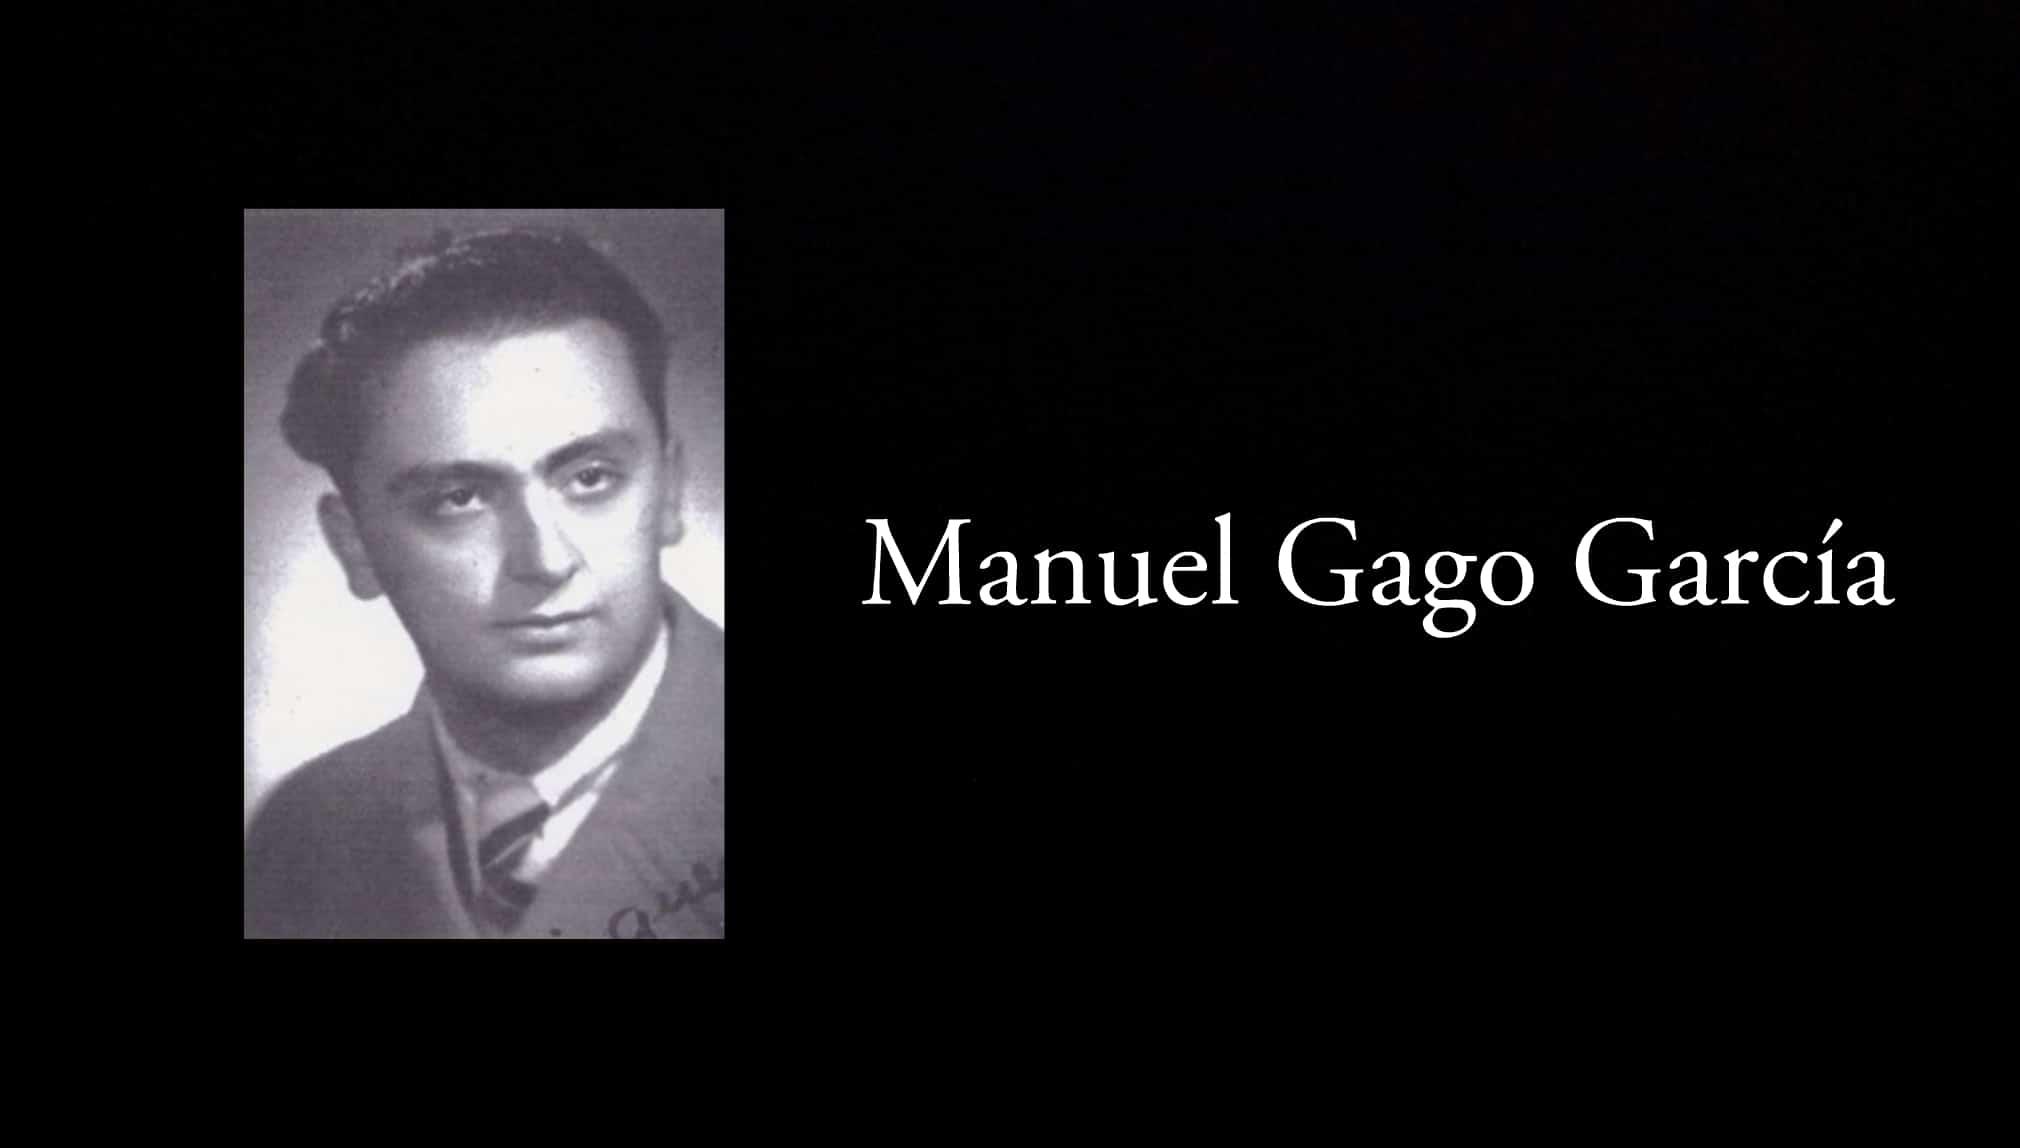 Manuel Gago García.